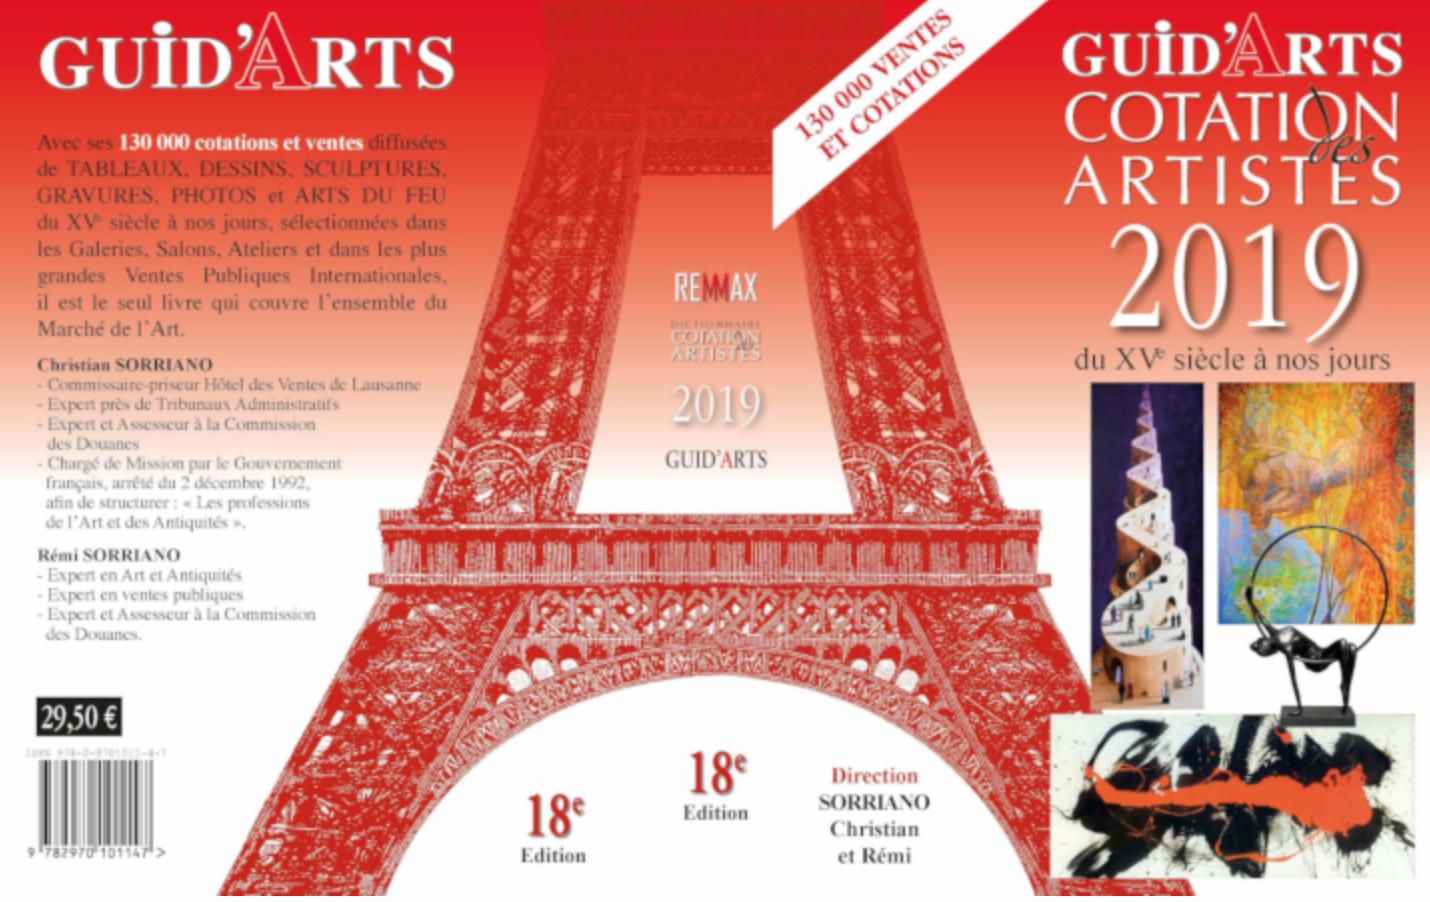 Dictionnaire Cotation des Artistes 2019